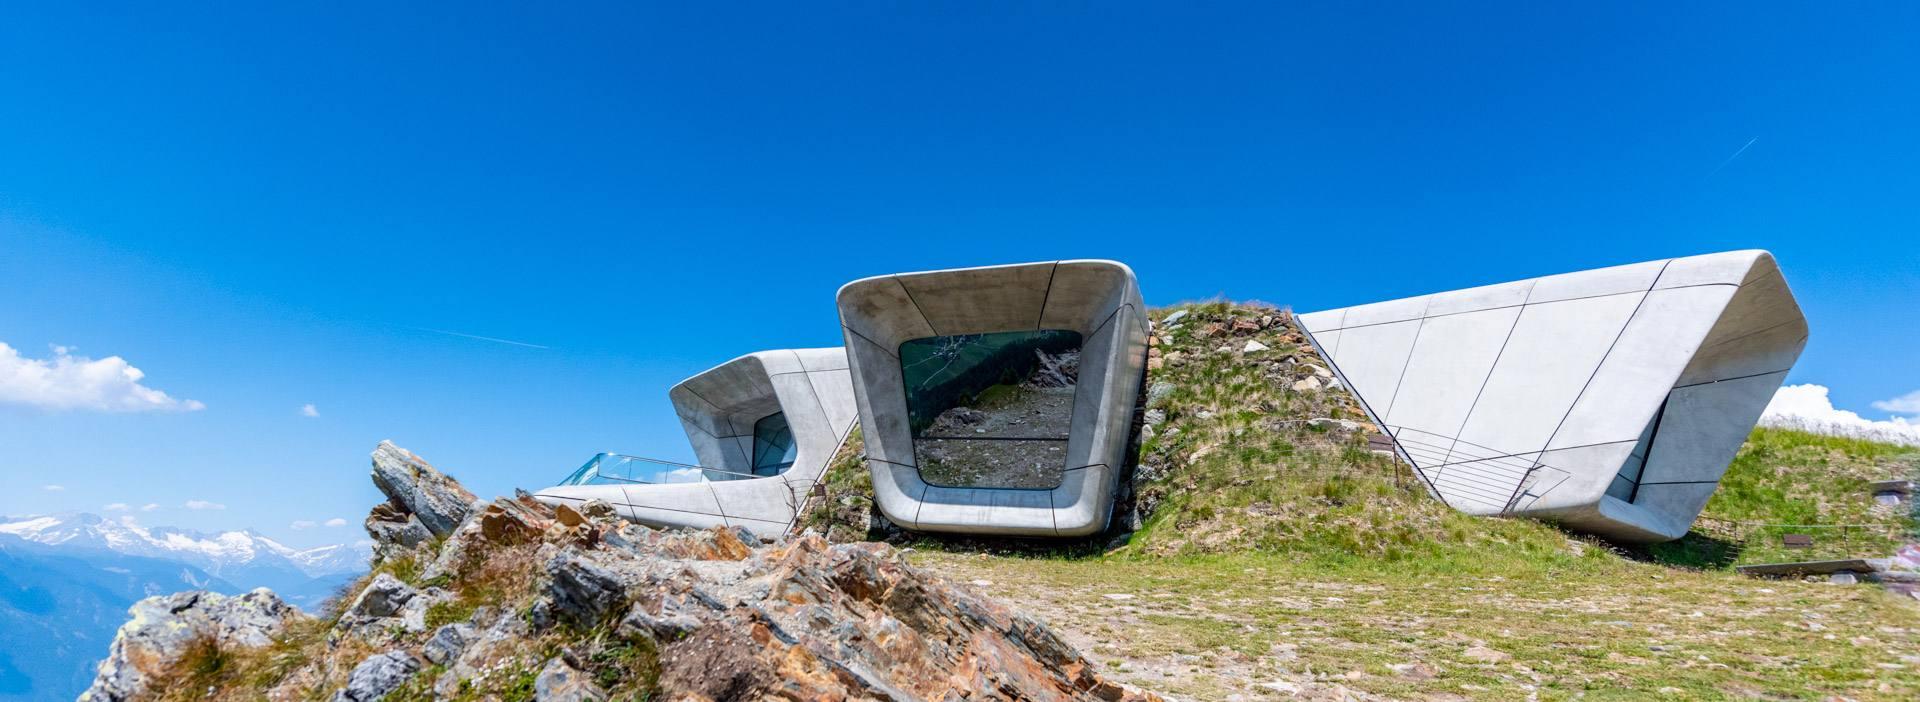 Messner Mountain Museum Plan de Corones